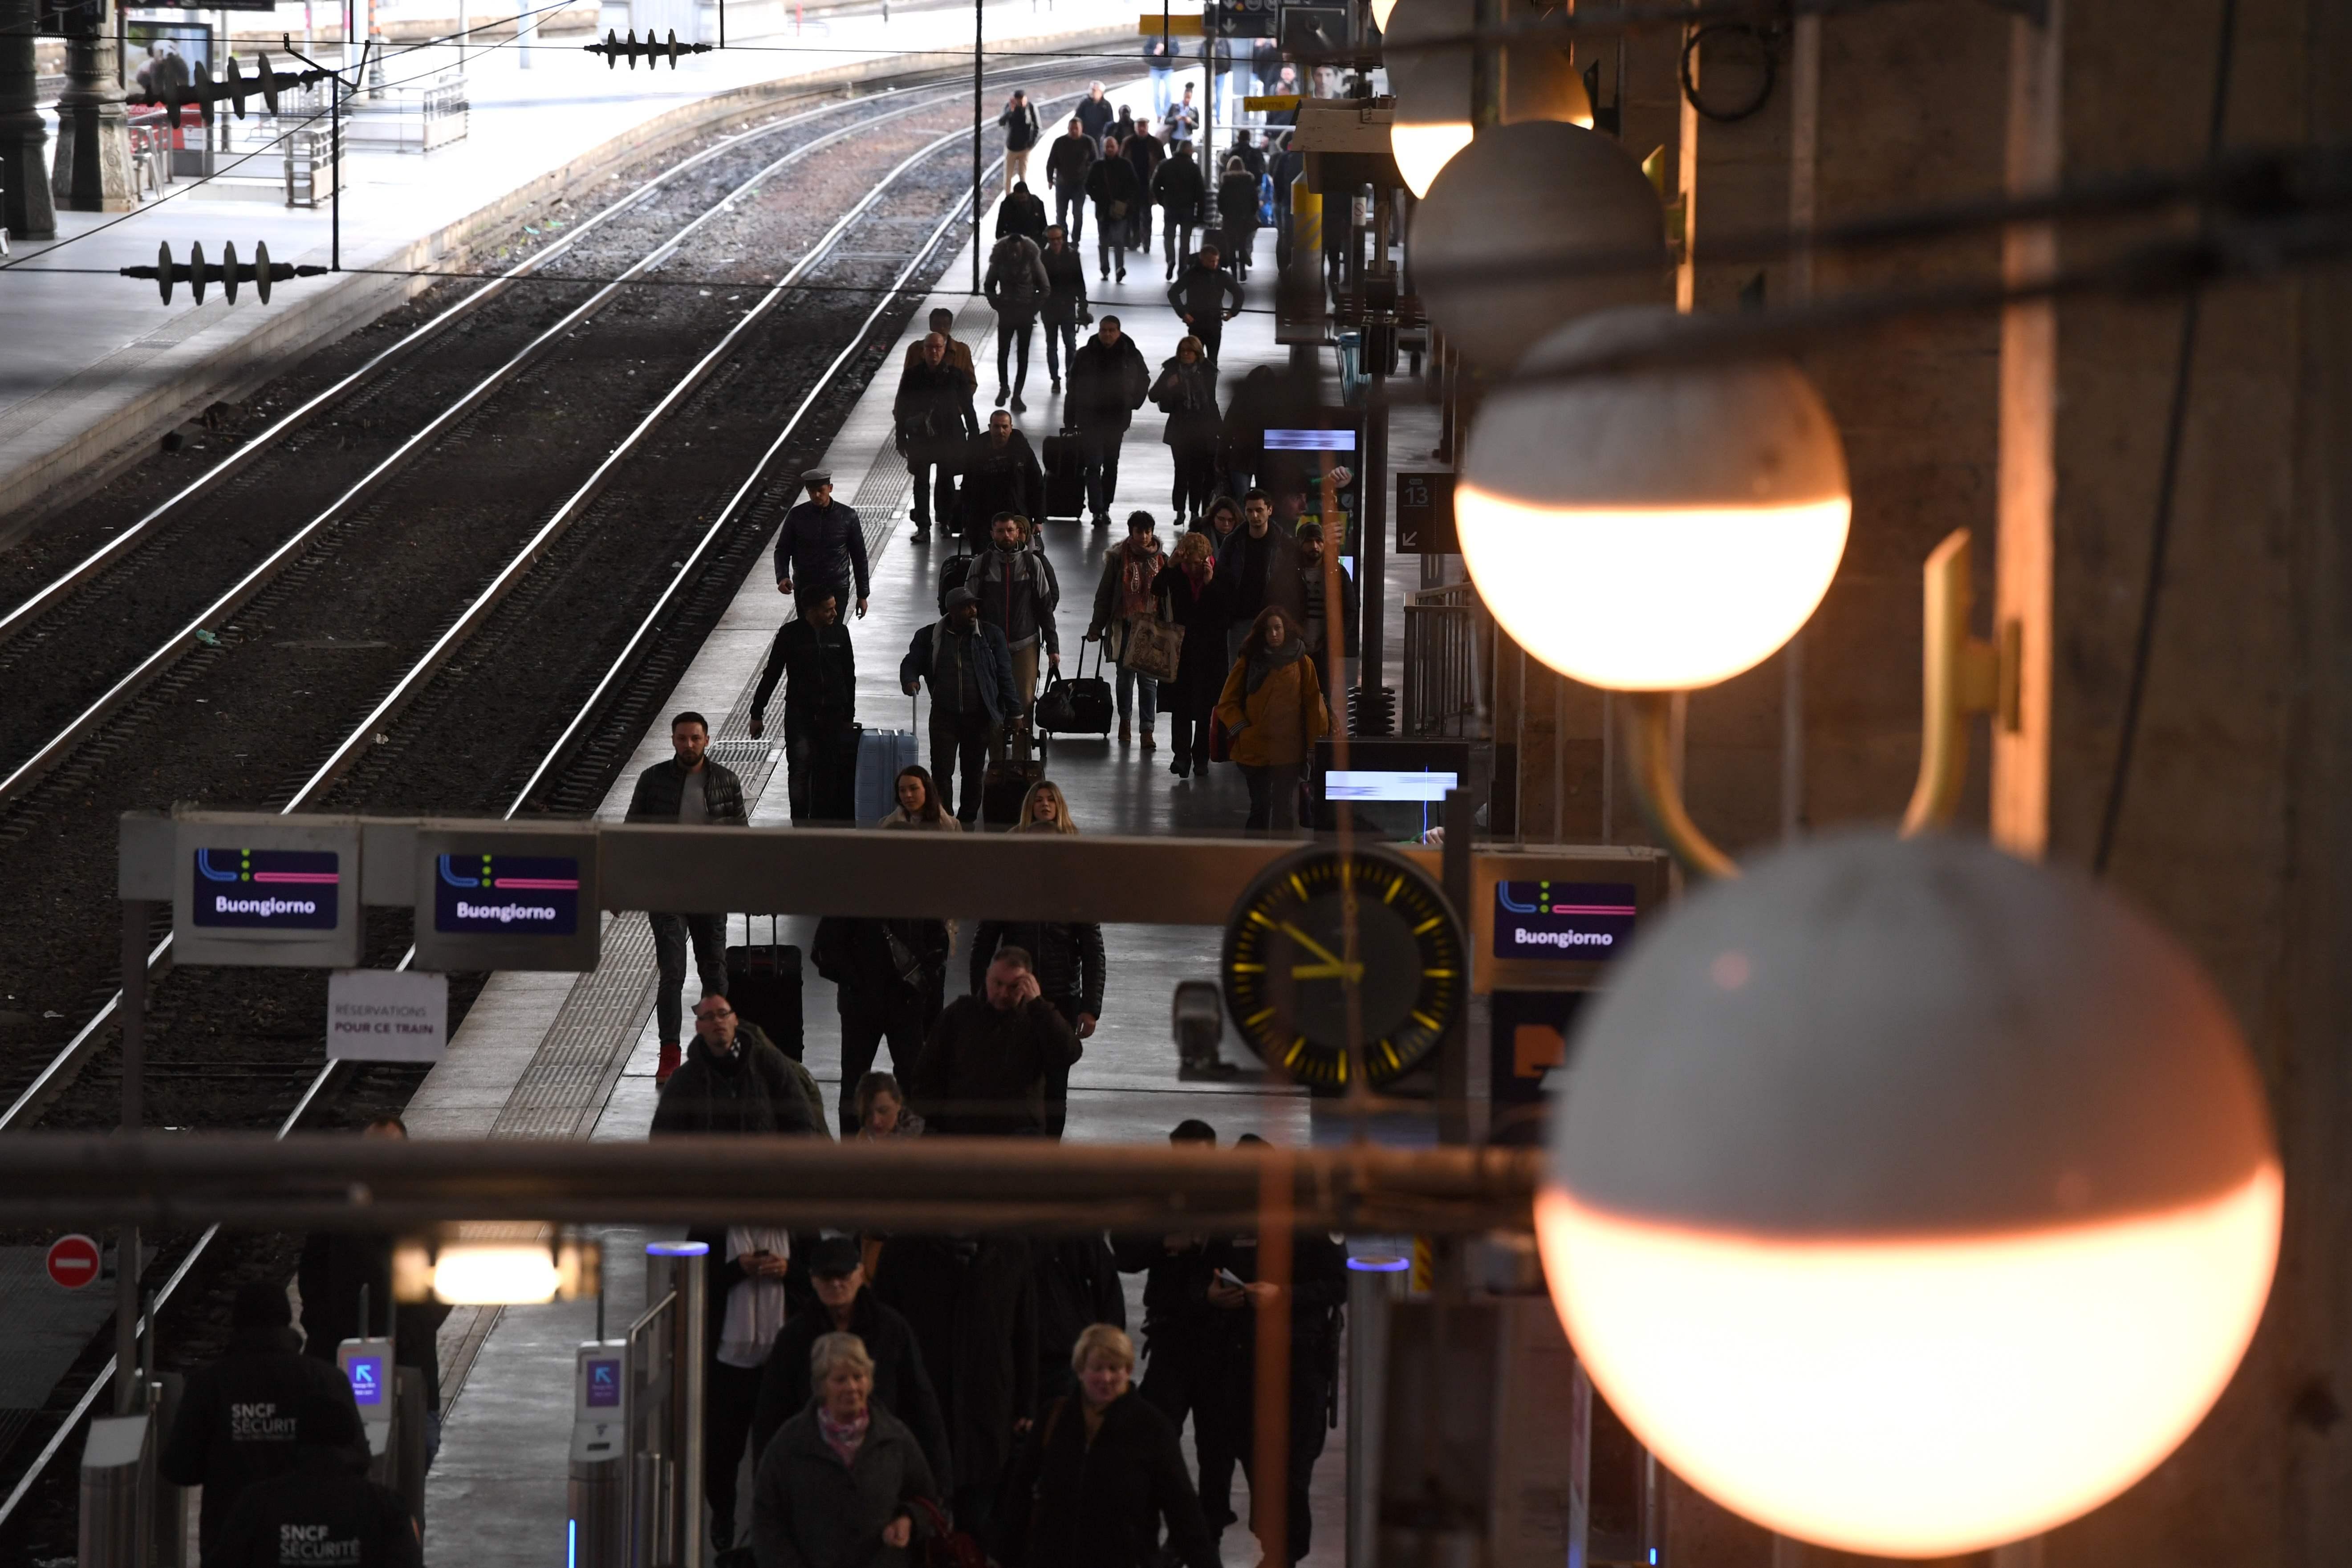 رواد القطارات فى فرنسا يتحركون بطول السكك الحديدية